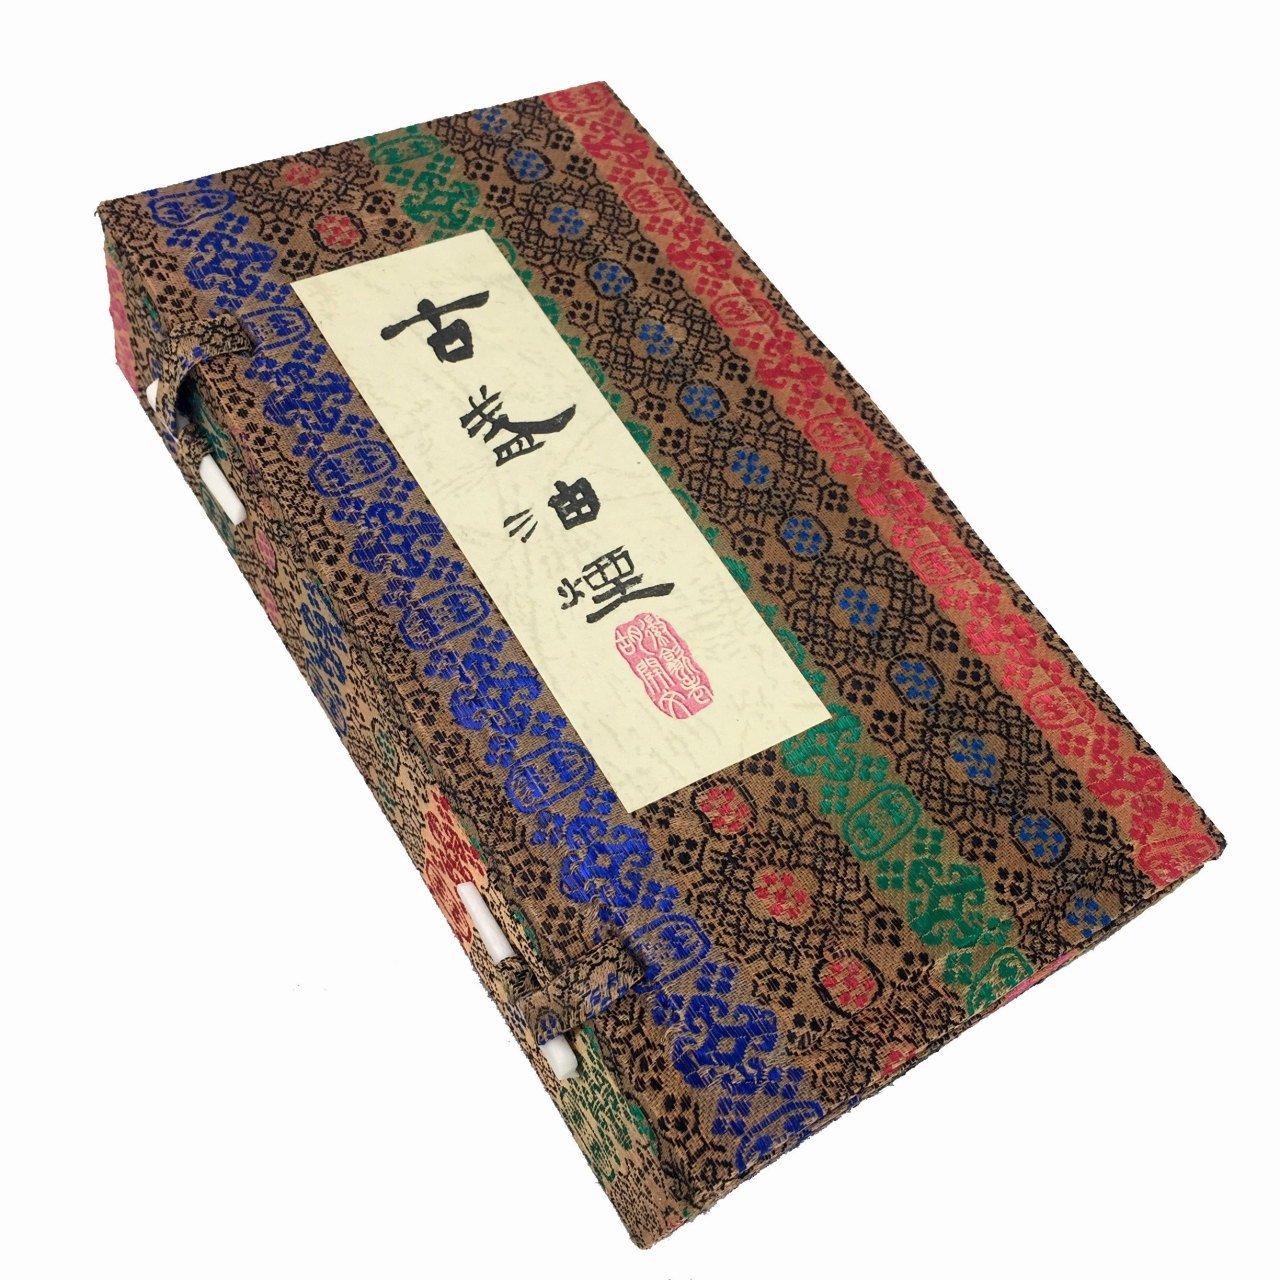 Li Ting Gui Old Hu Kai Wen Lux Ancient Recipe Oil Soot Inkstick (M)